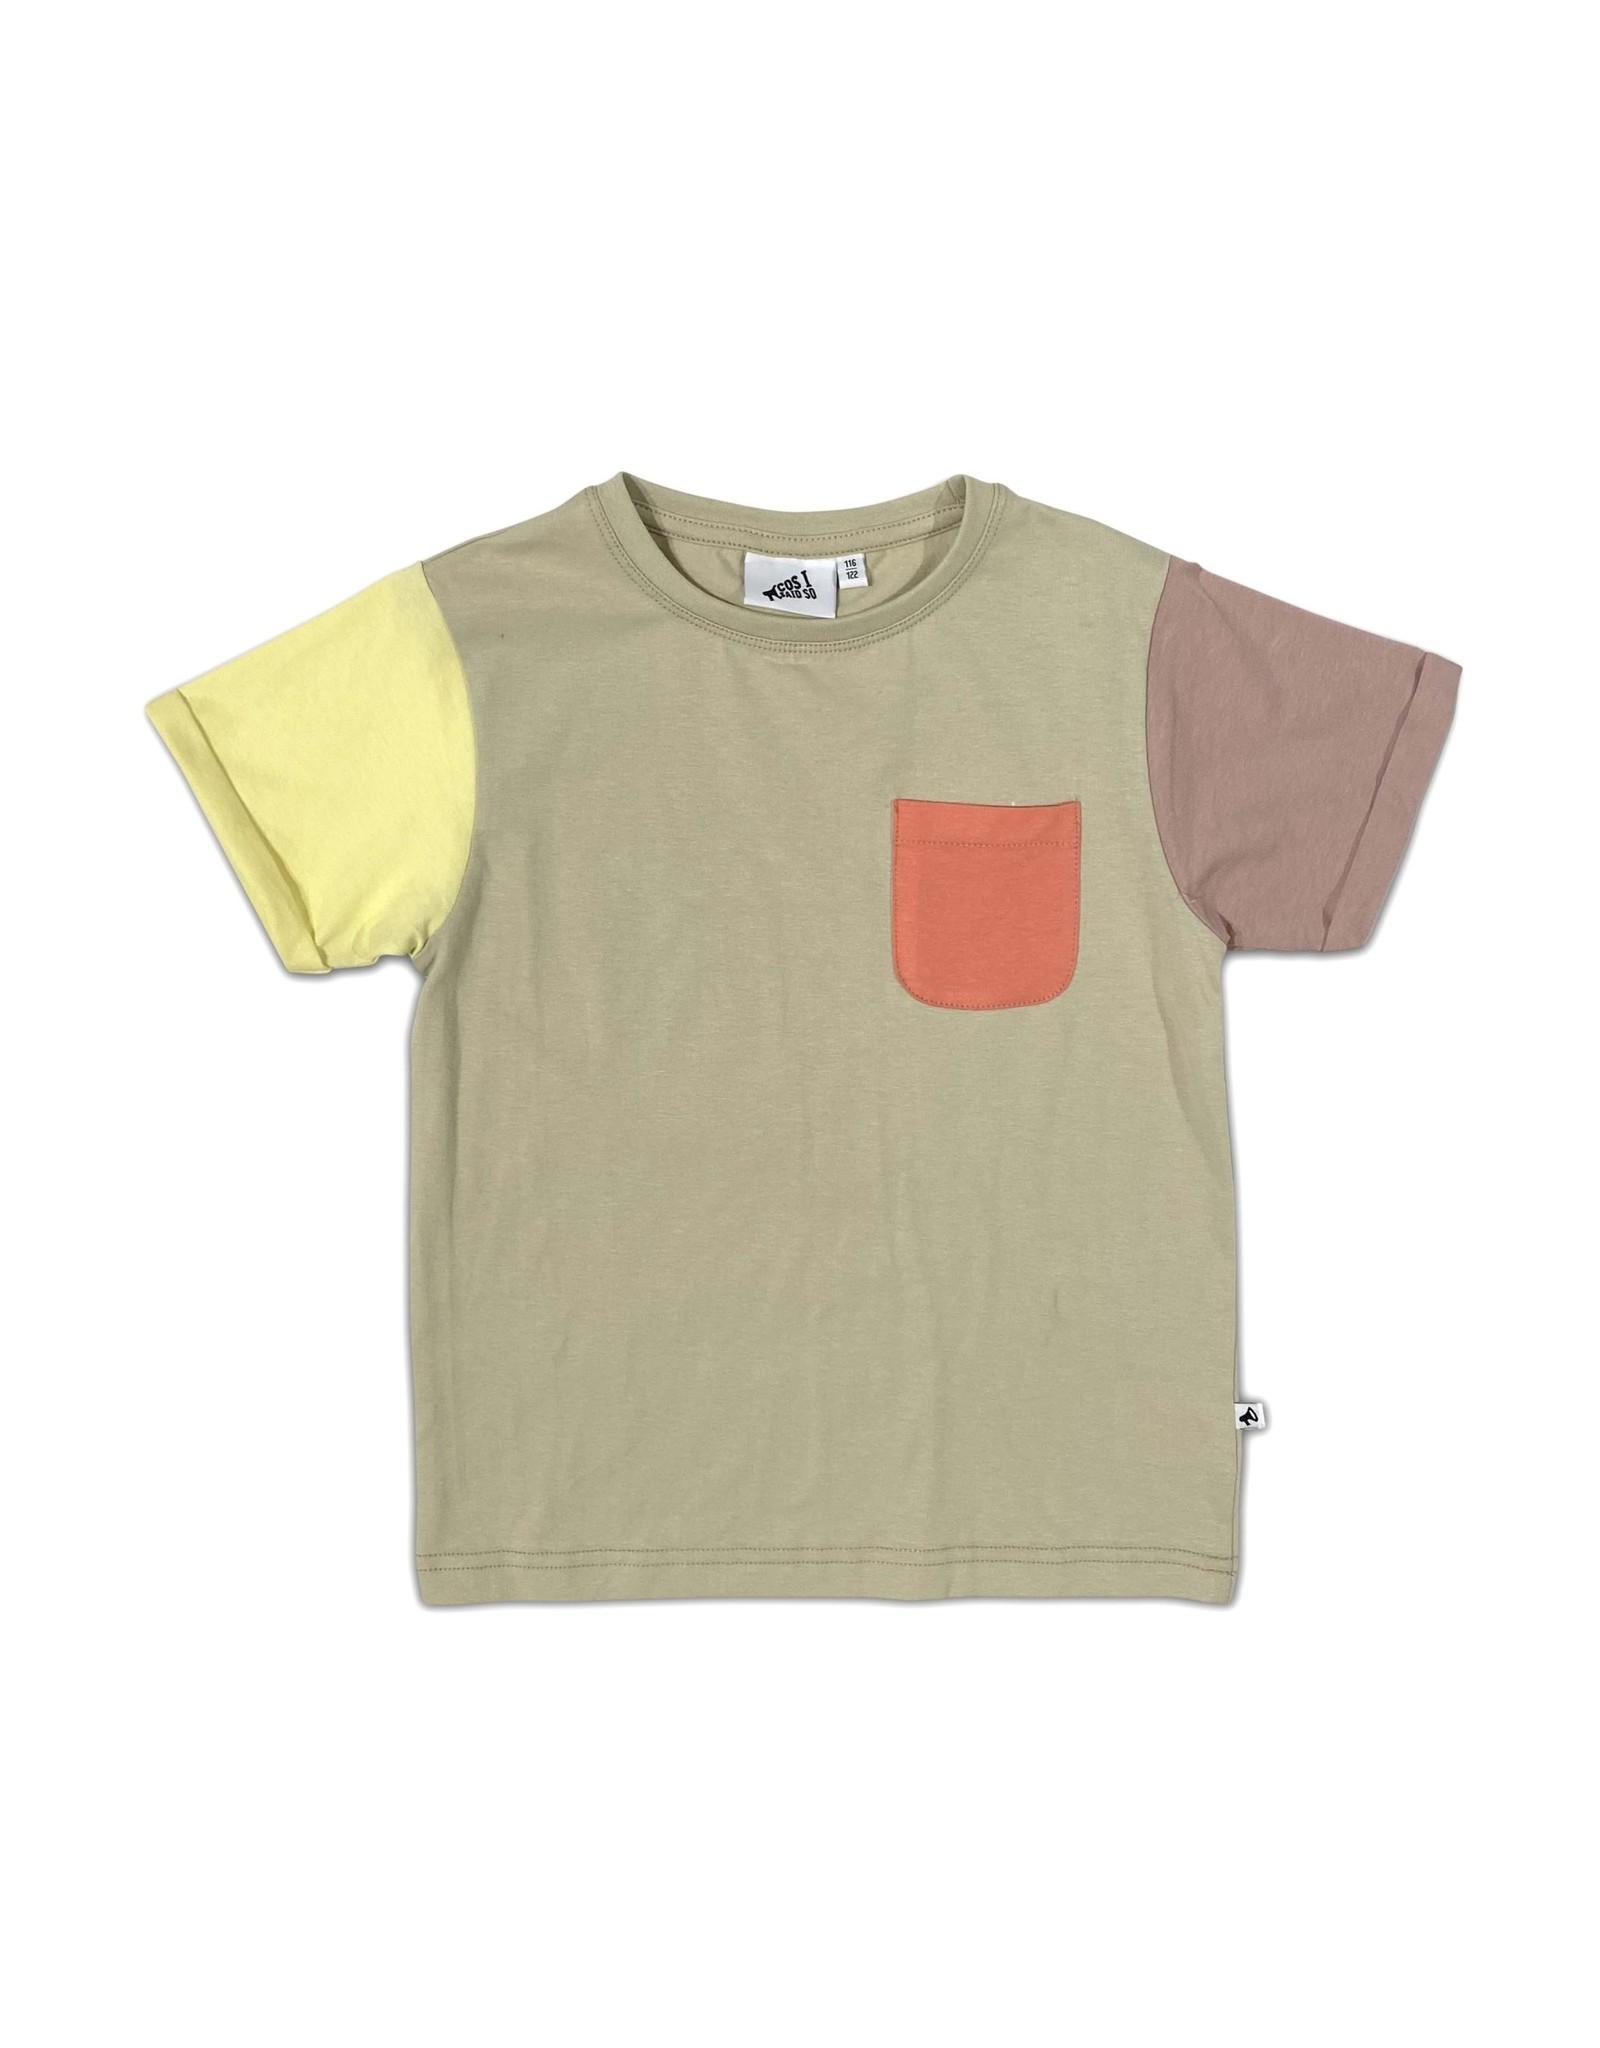 Cos I Said So color block t-shirt alfalfa